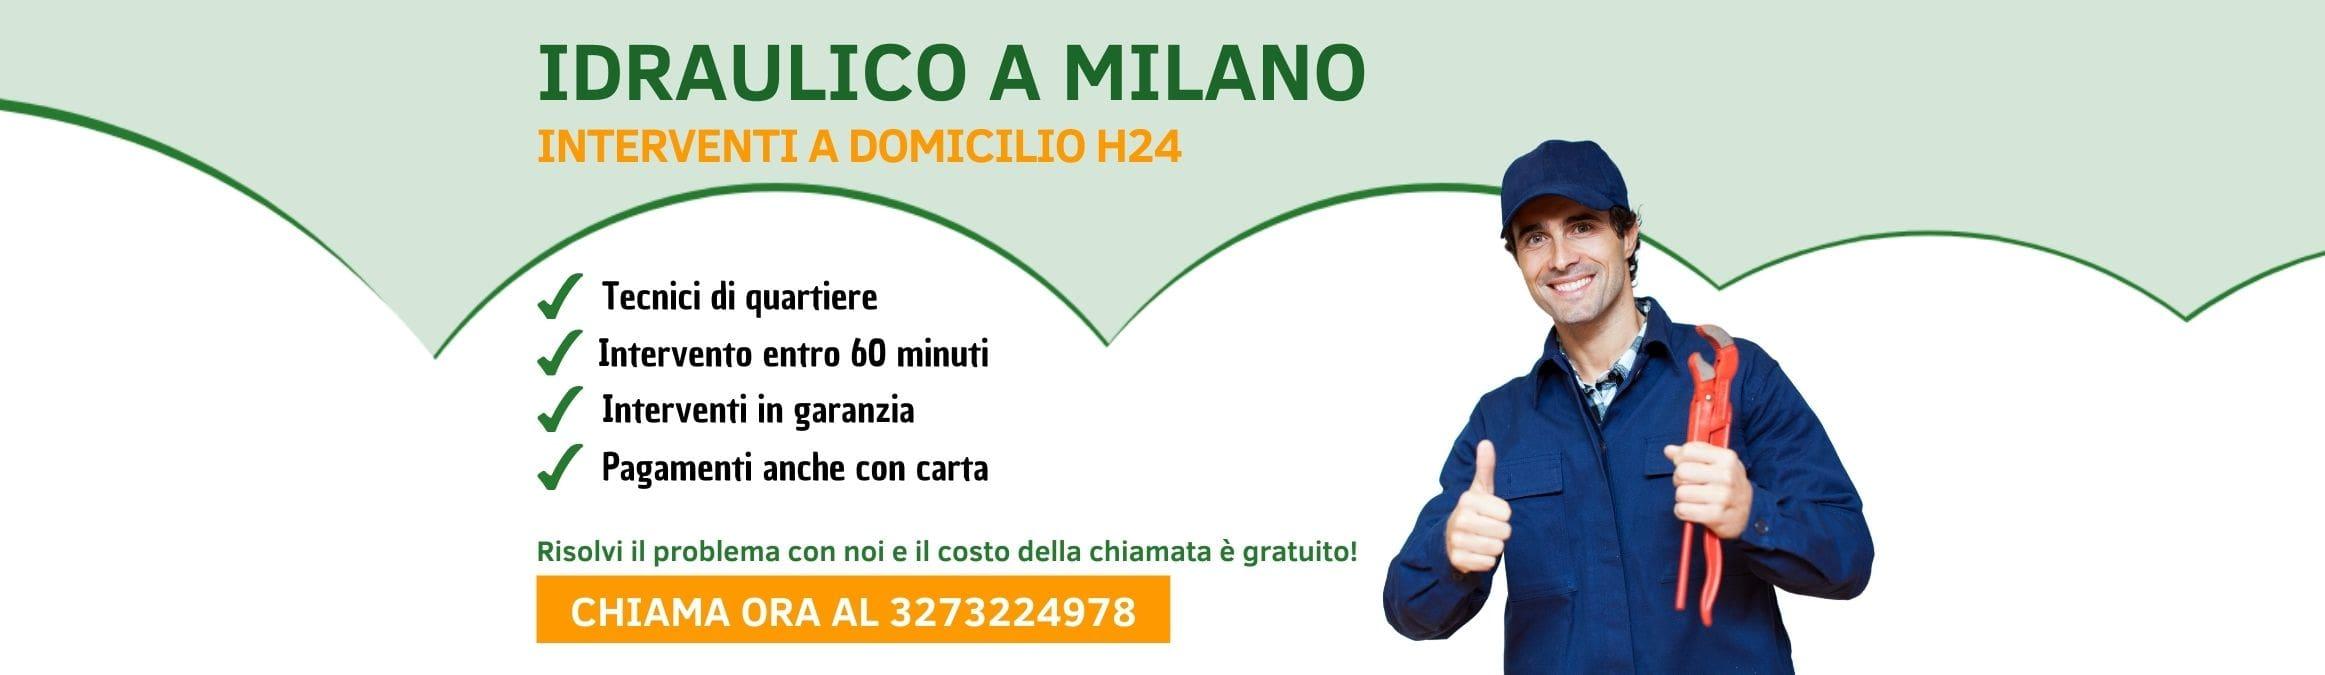 Idraulico Milano Pronto Intervento h24